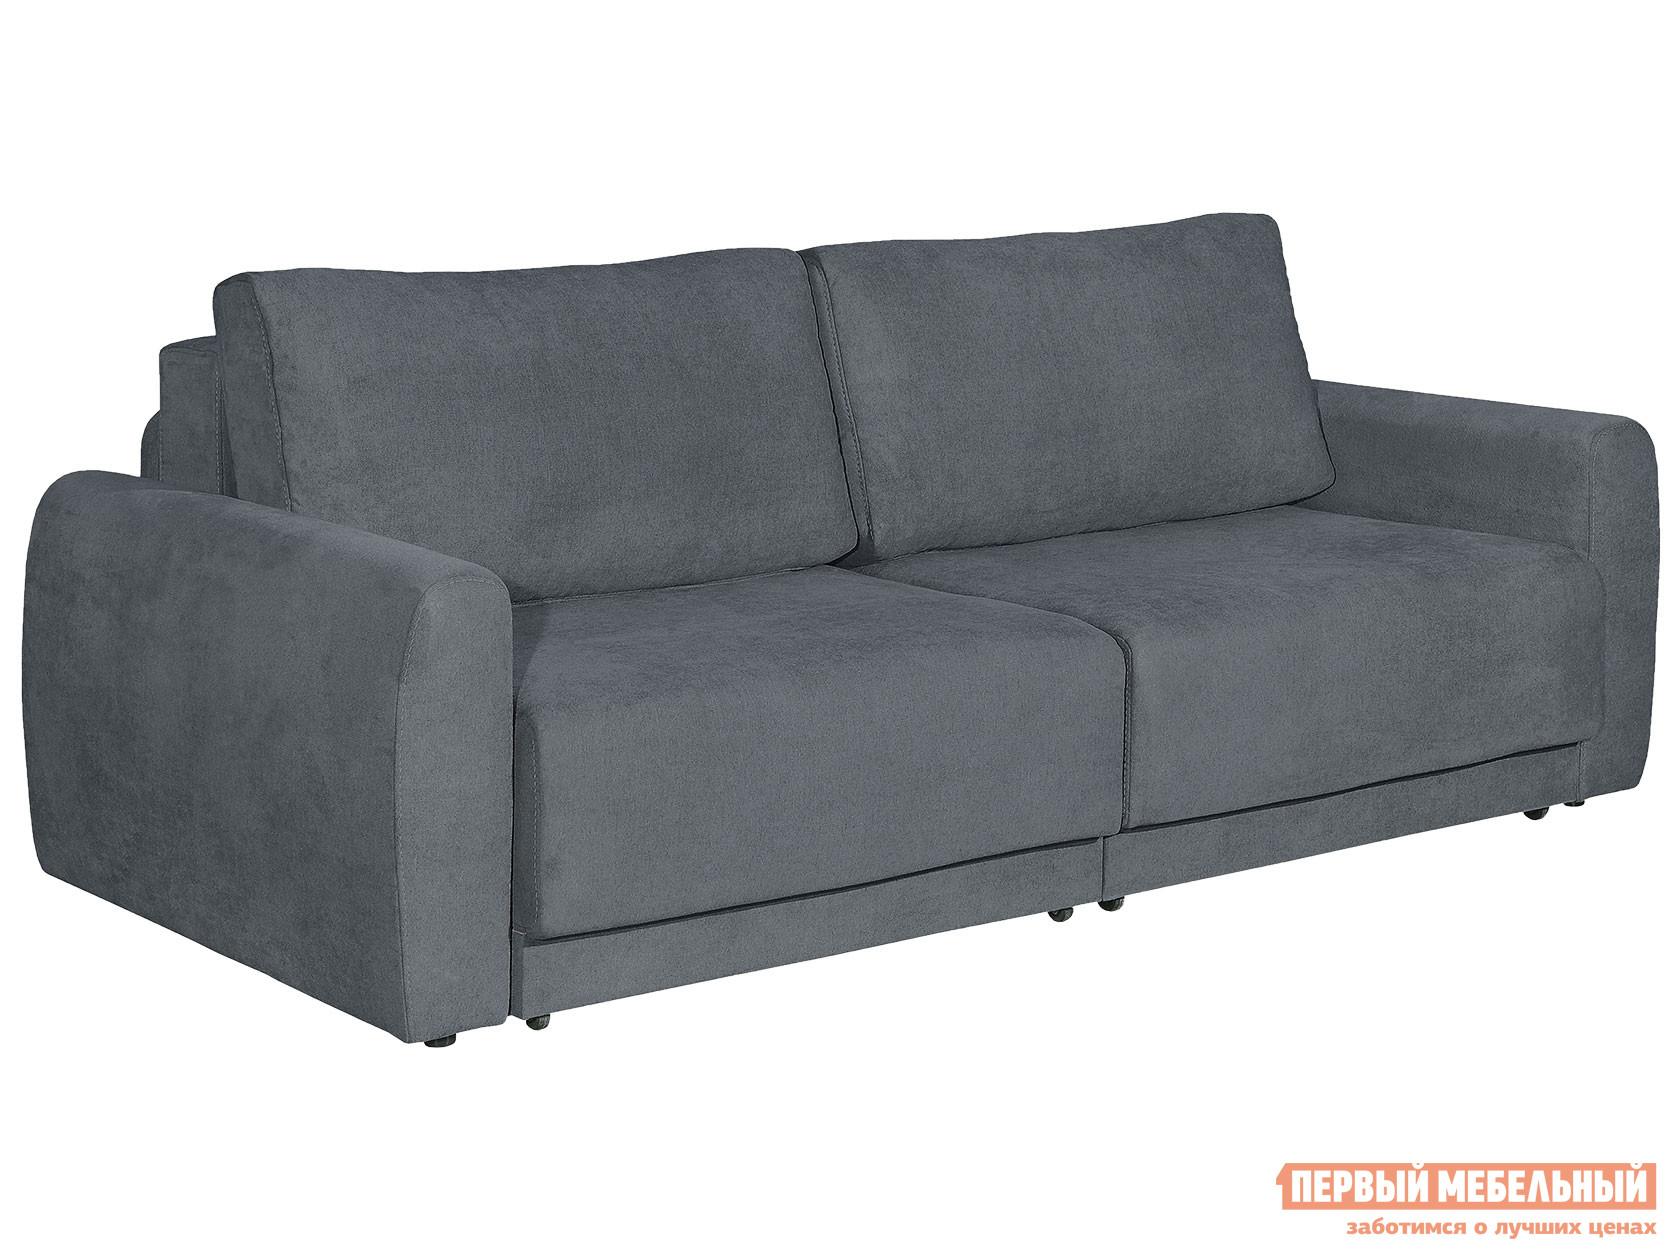 Прямой диван Первый Мебельный Диван Пикассо Люкс